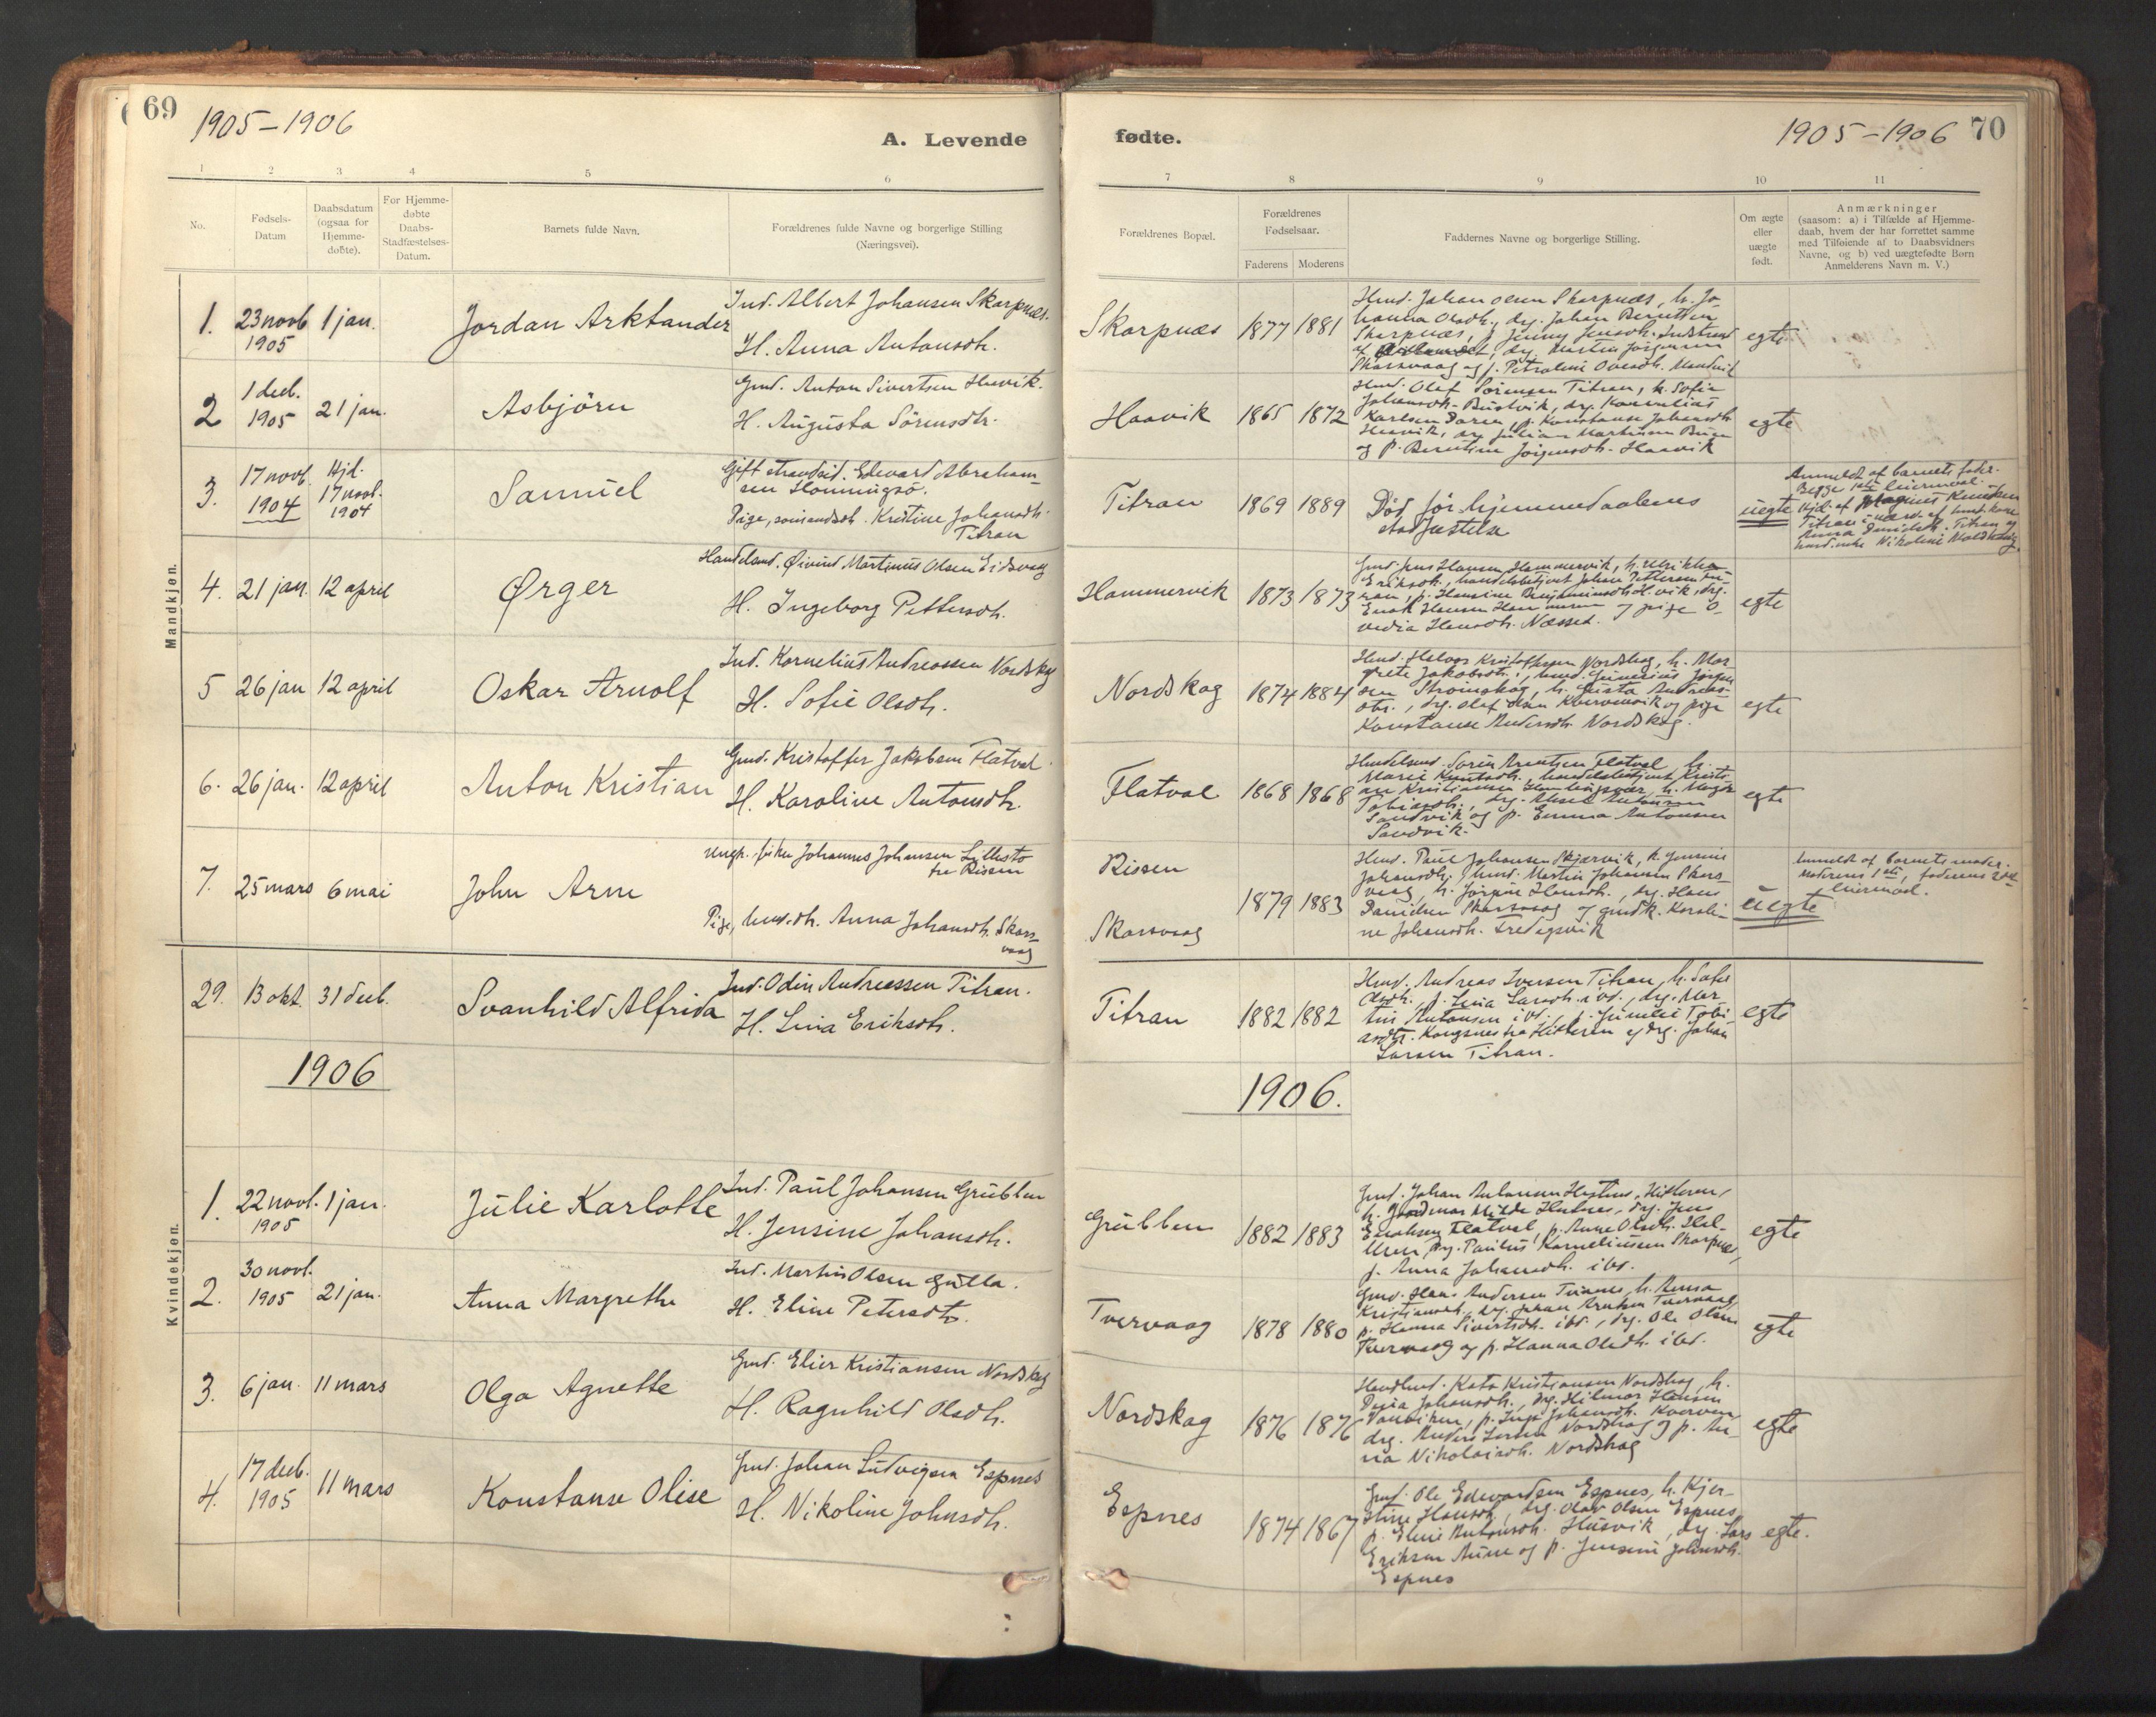 SAT, Ministerialprotokoller, klokkerbøker og fødselsregistre - Sør-Trøndelag, 641/L0596: Ministerialbok nr. 641A02, 1898-1915, s. 69-70